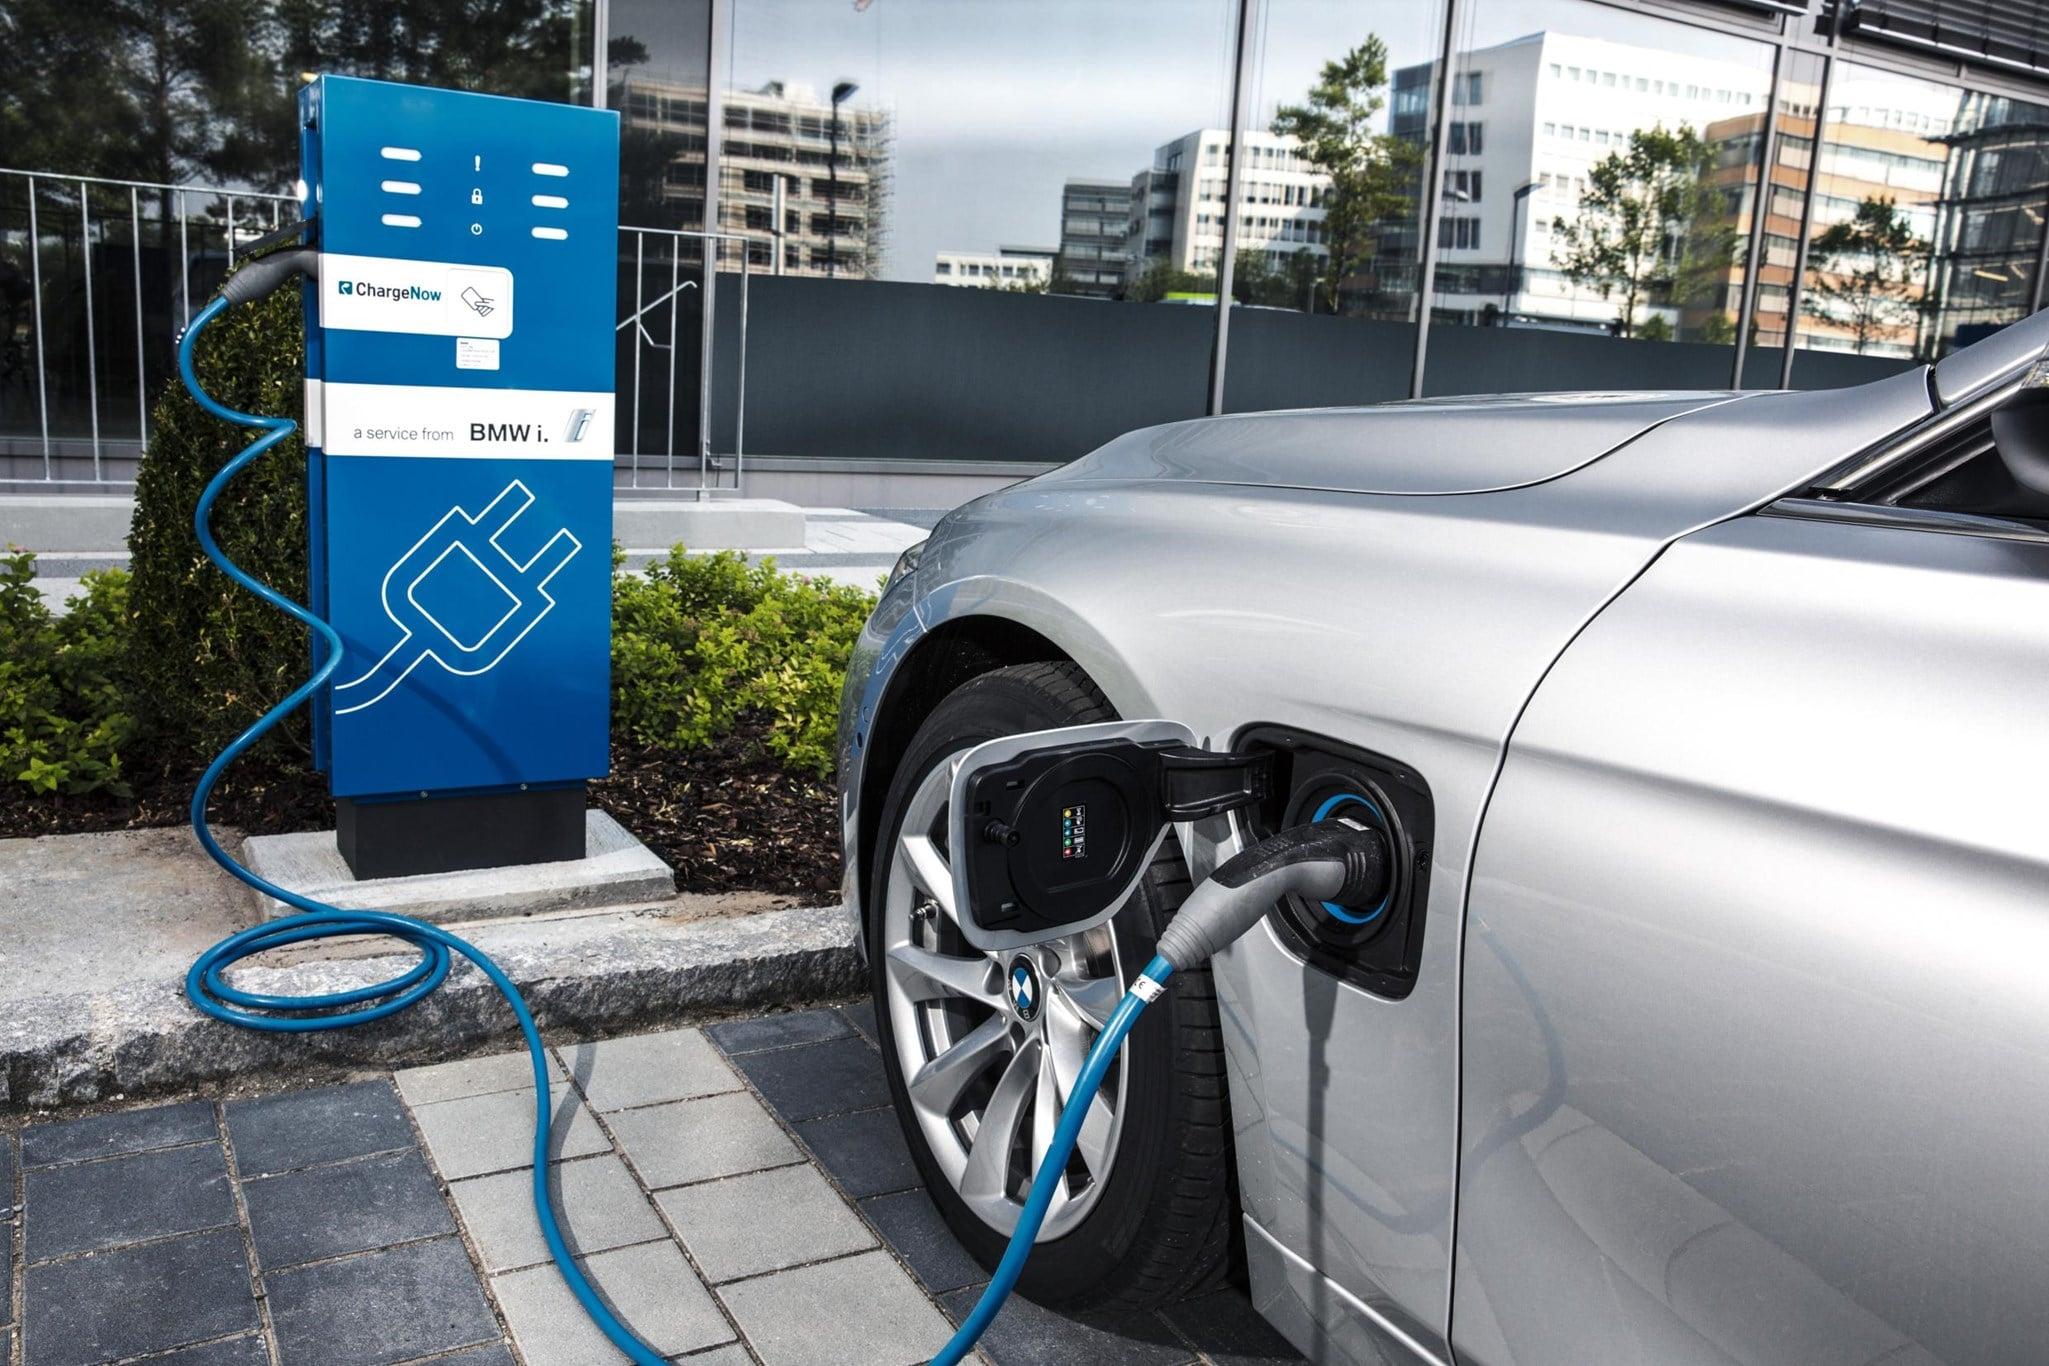 hybrid, plugin hybrid, dobíjanie hybridu, elektrické vozidlá, hybridné vozidlo vs elektrické auto, moderné hybridy